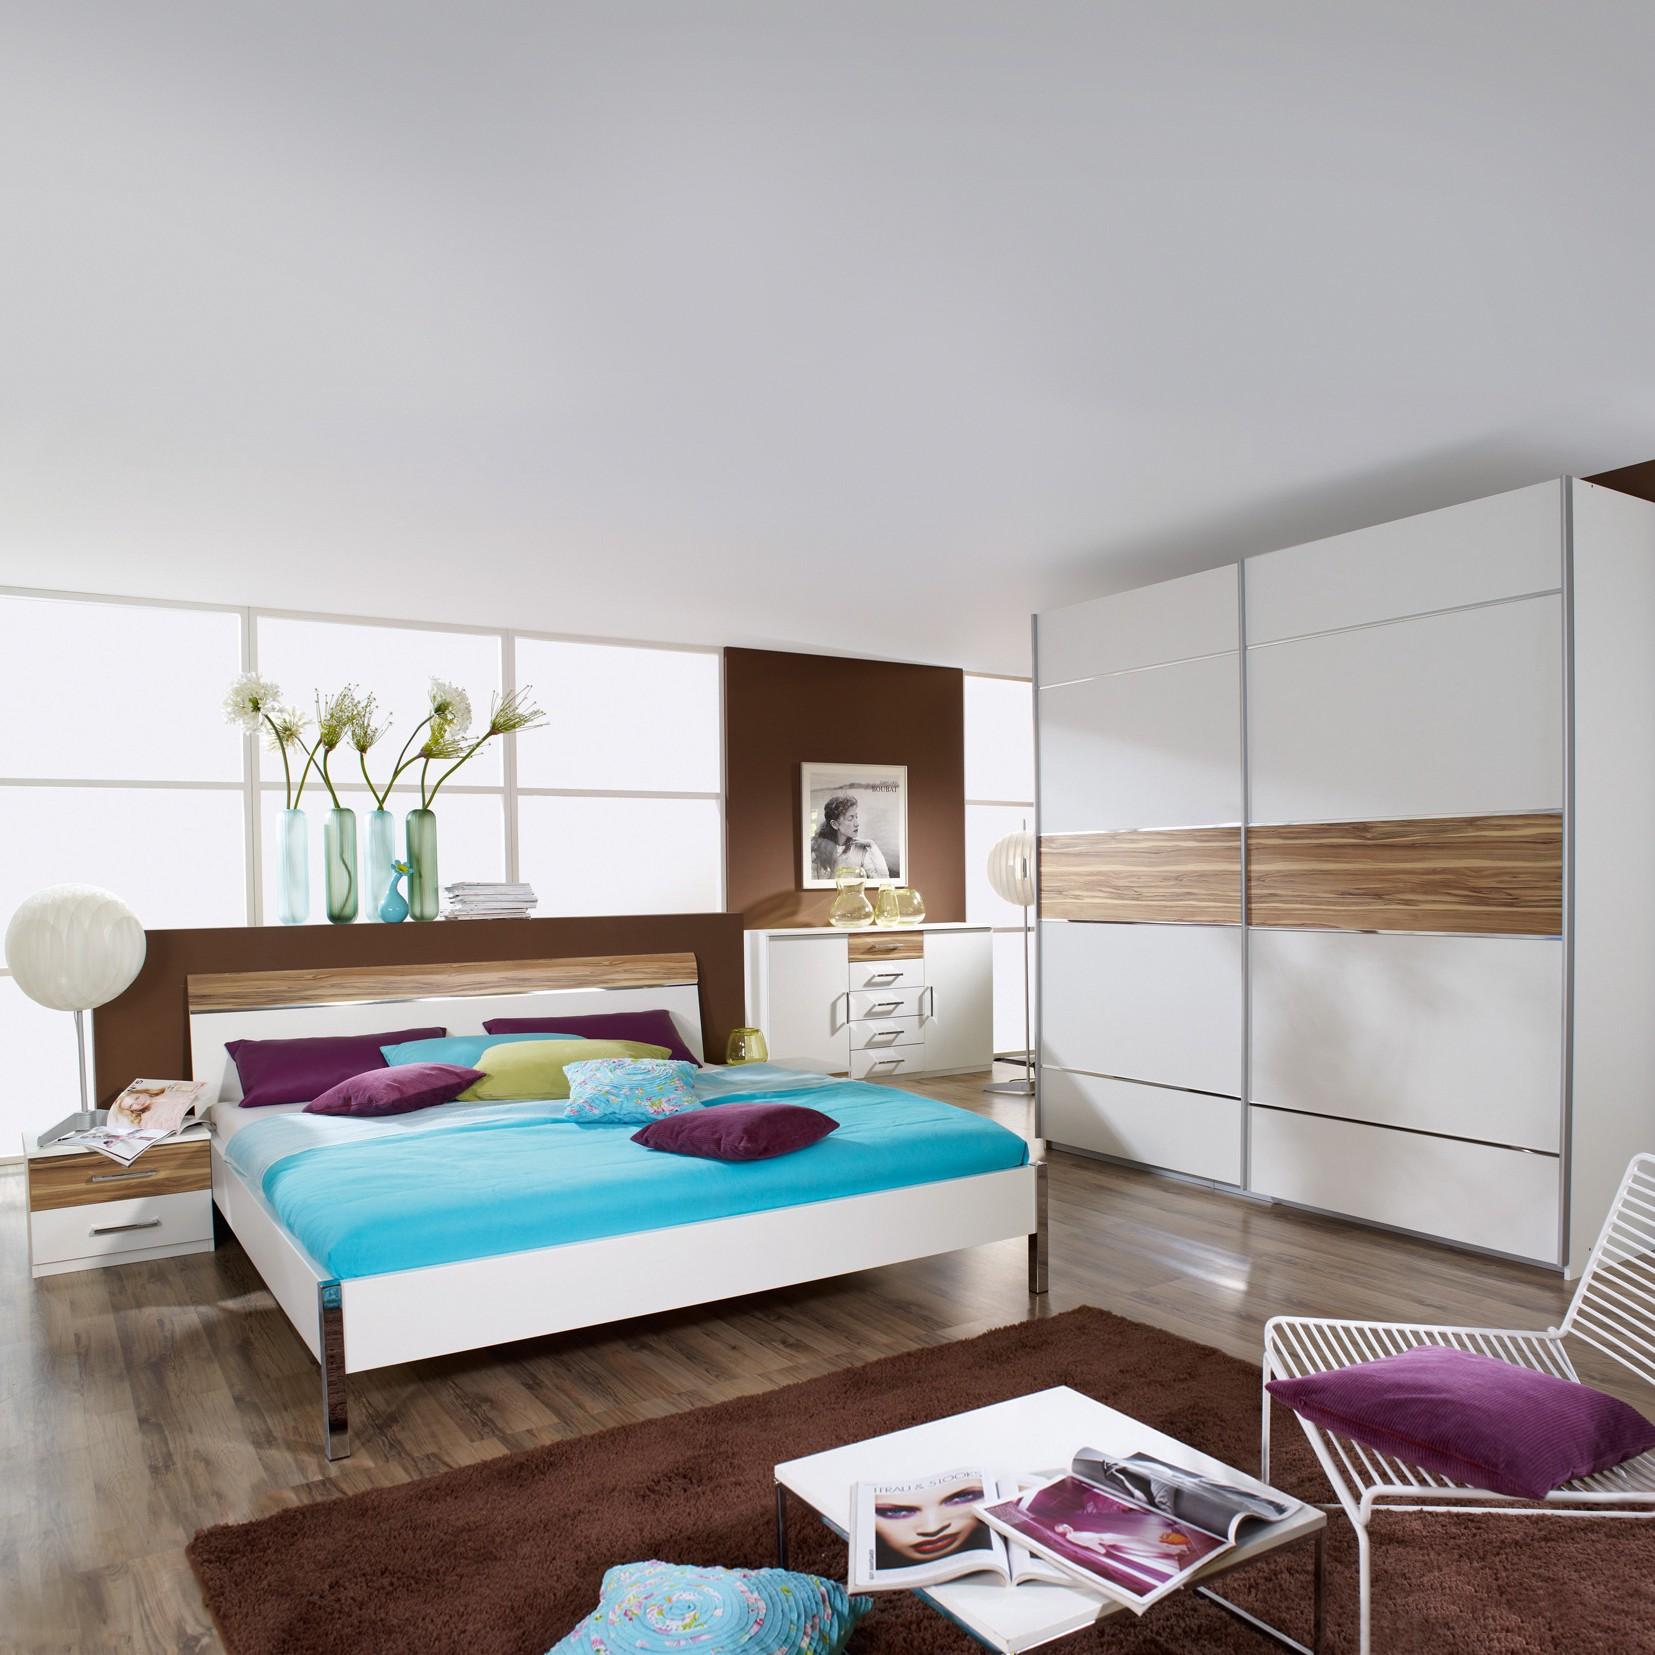 Slaapkamer decoratie tips - Slaapkamer slaapkamer decoratie ...